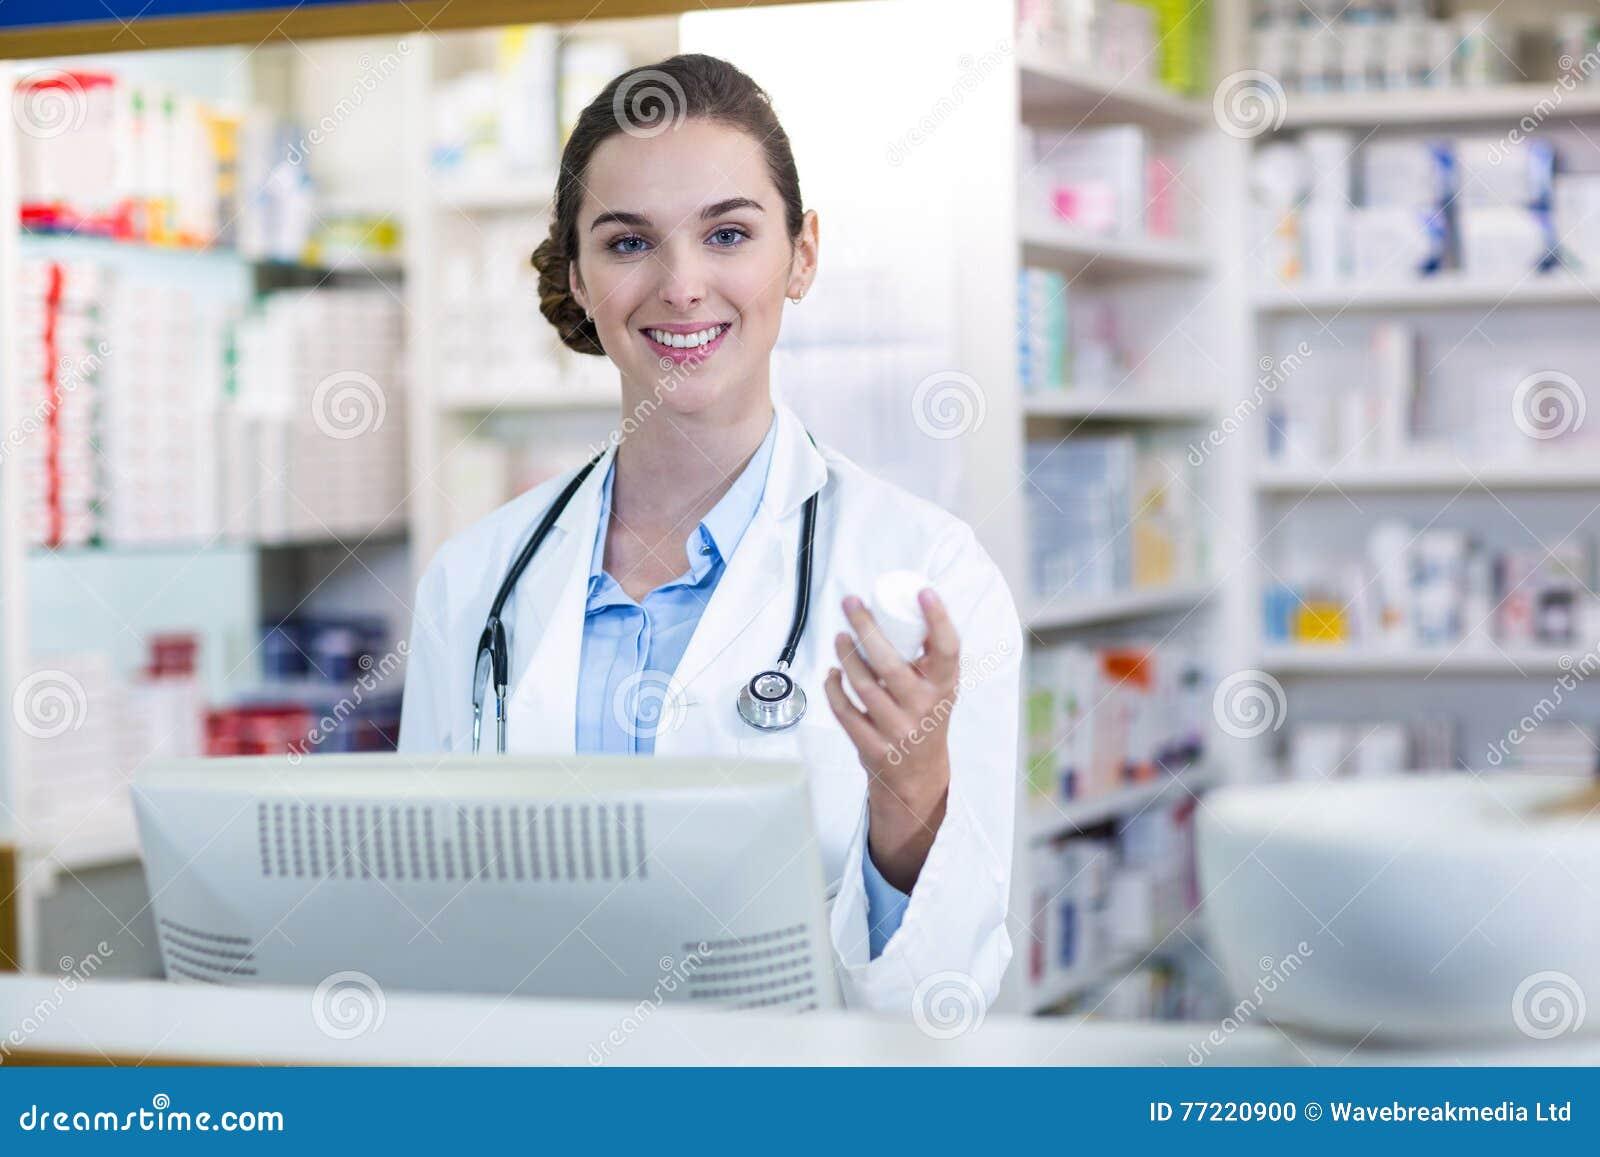 Χαμόγελο του εμπορευματοκιβωτίου ιατρικής εκμετάλλευσης φαρμακοποιών στο φαρμακείο